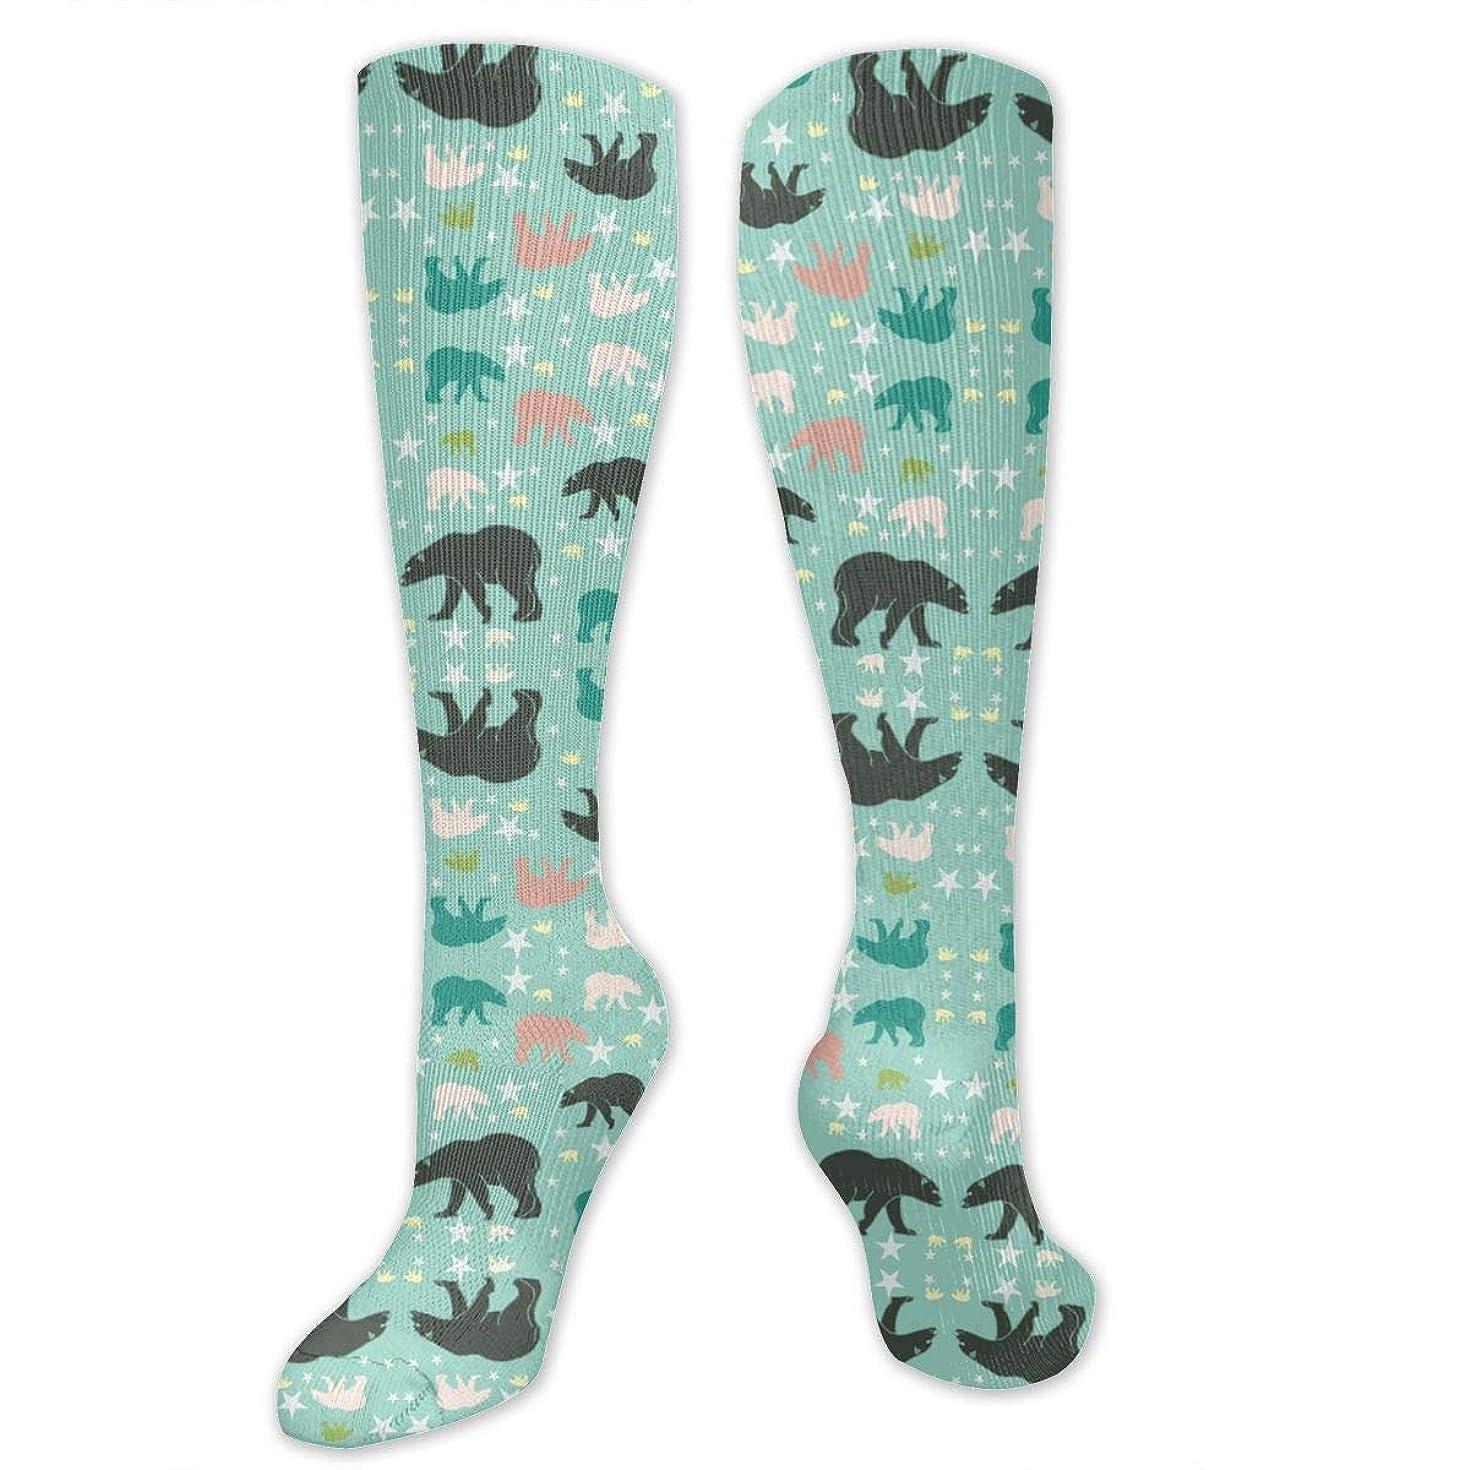 燃やすプロフィール信号靴下,ストッキング,野生のジョーカー,実際,秋の本質,冬必須,サマーウェア&RBXAA Boy Bears Socks Women's Winter Cotton Long Tube Socks Cotton Solid & Patterned Dress Socks